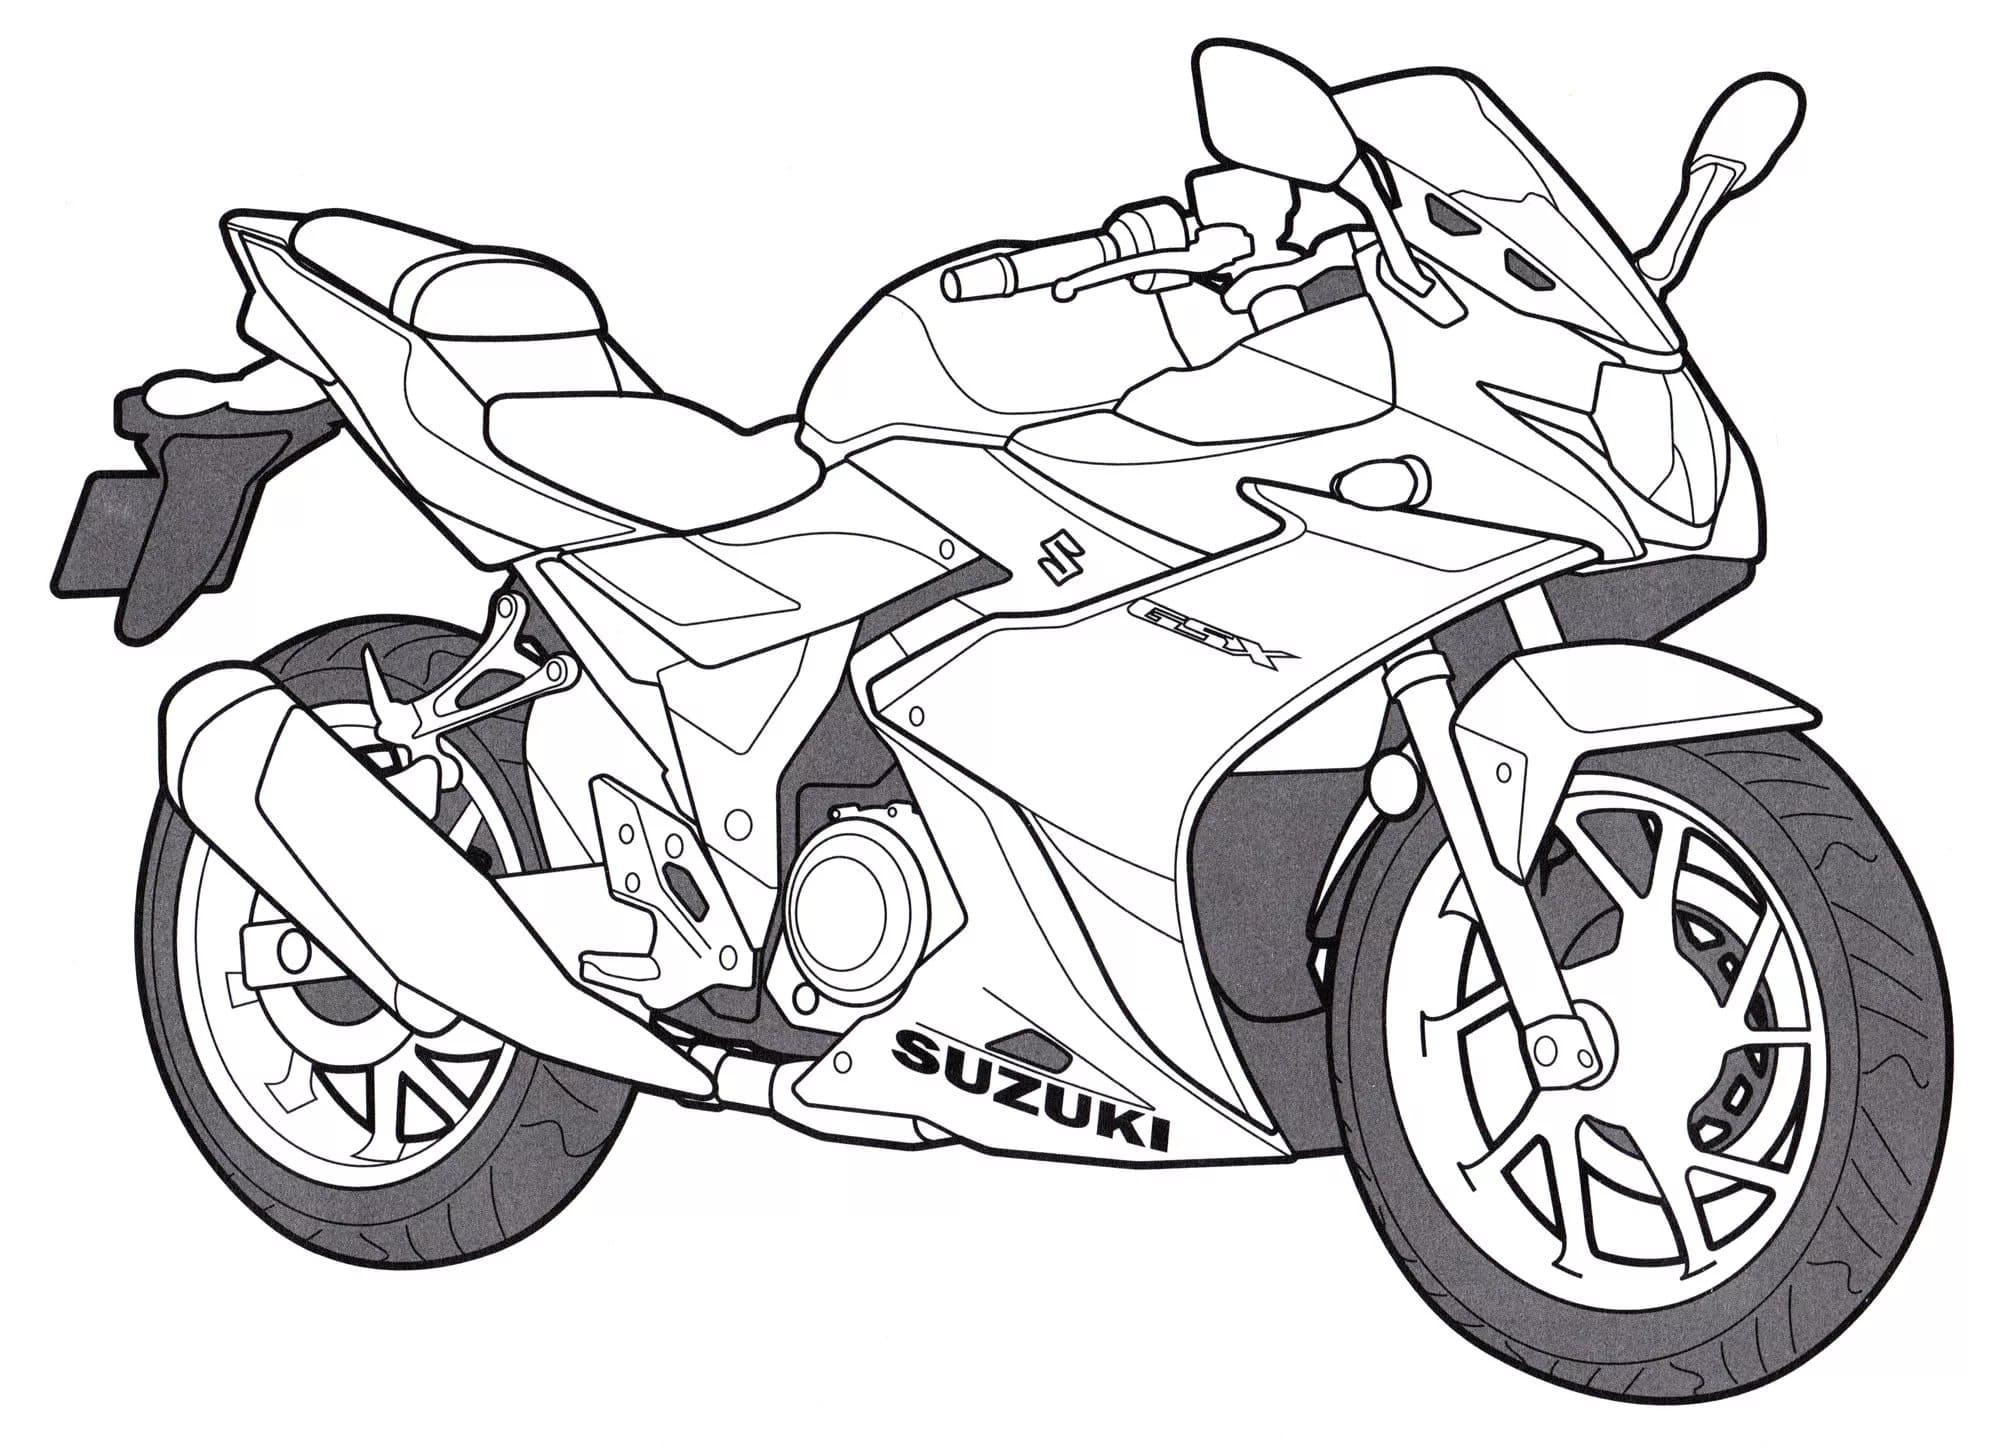 Motorrad Ausmalbilder. Besten Malvorlagen Zum Drucken ganzes Motorrad Ausmalbilder